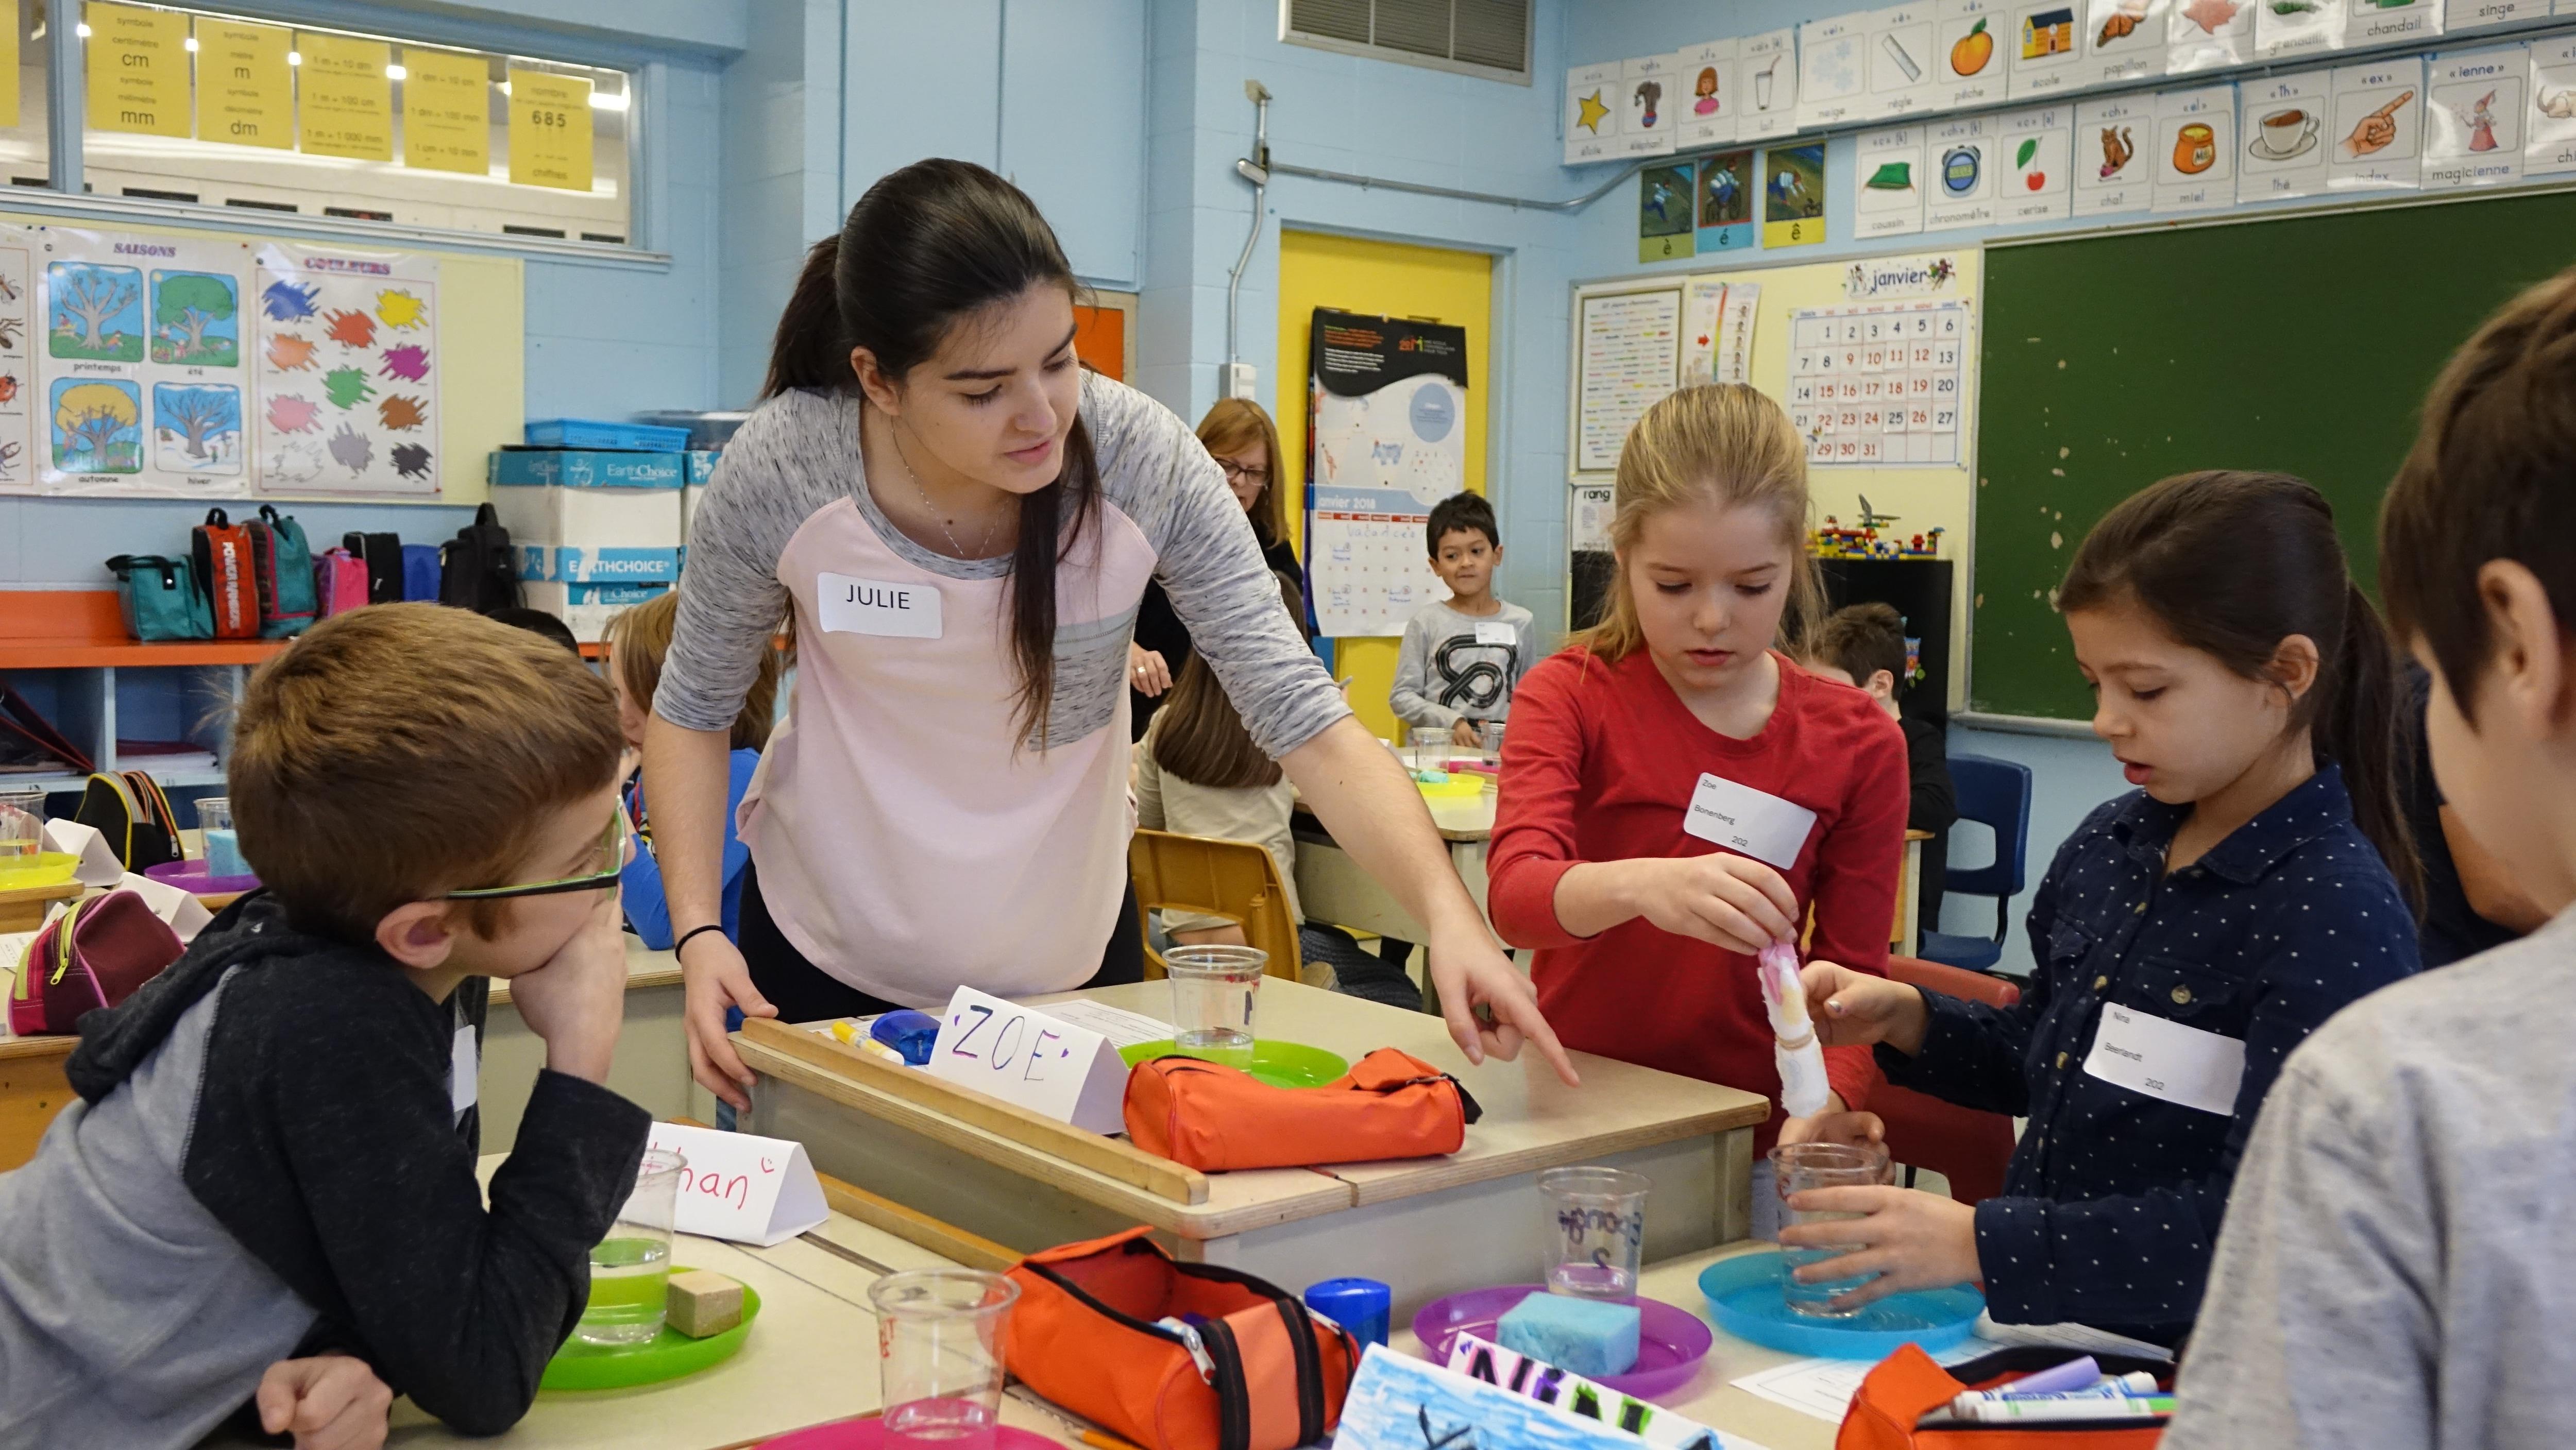 L'étudiante en arts et sciences au Cégep de Saint-Laurent Julie Morin-Genest guide les enfants, qui font leur expérience sur leurs bureaux.